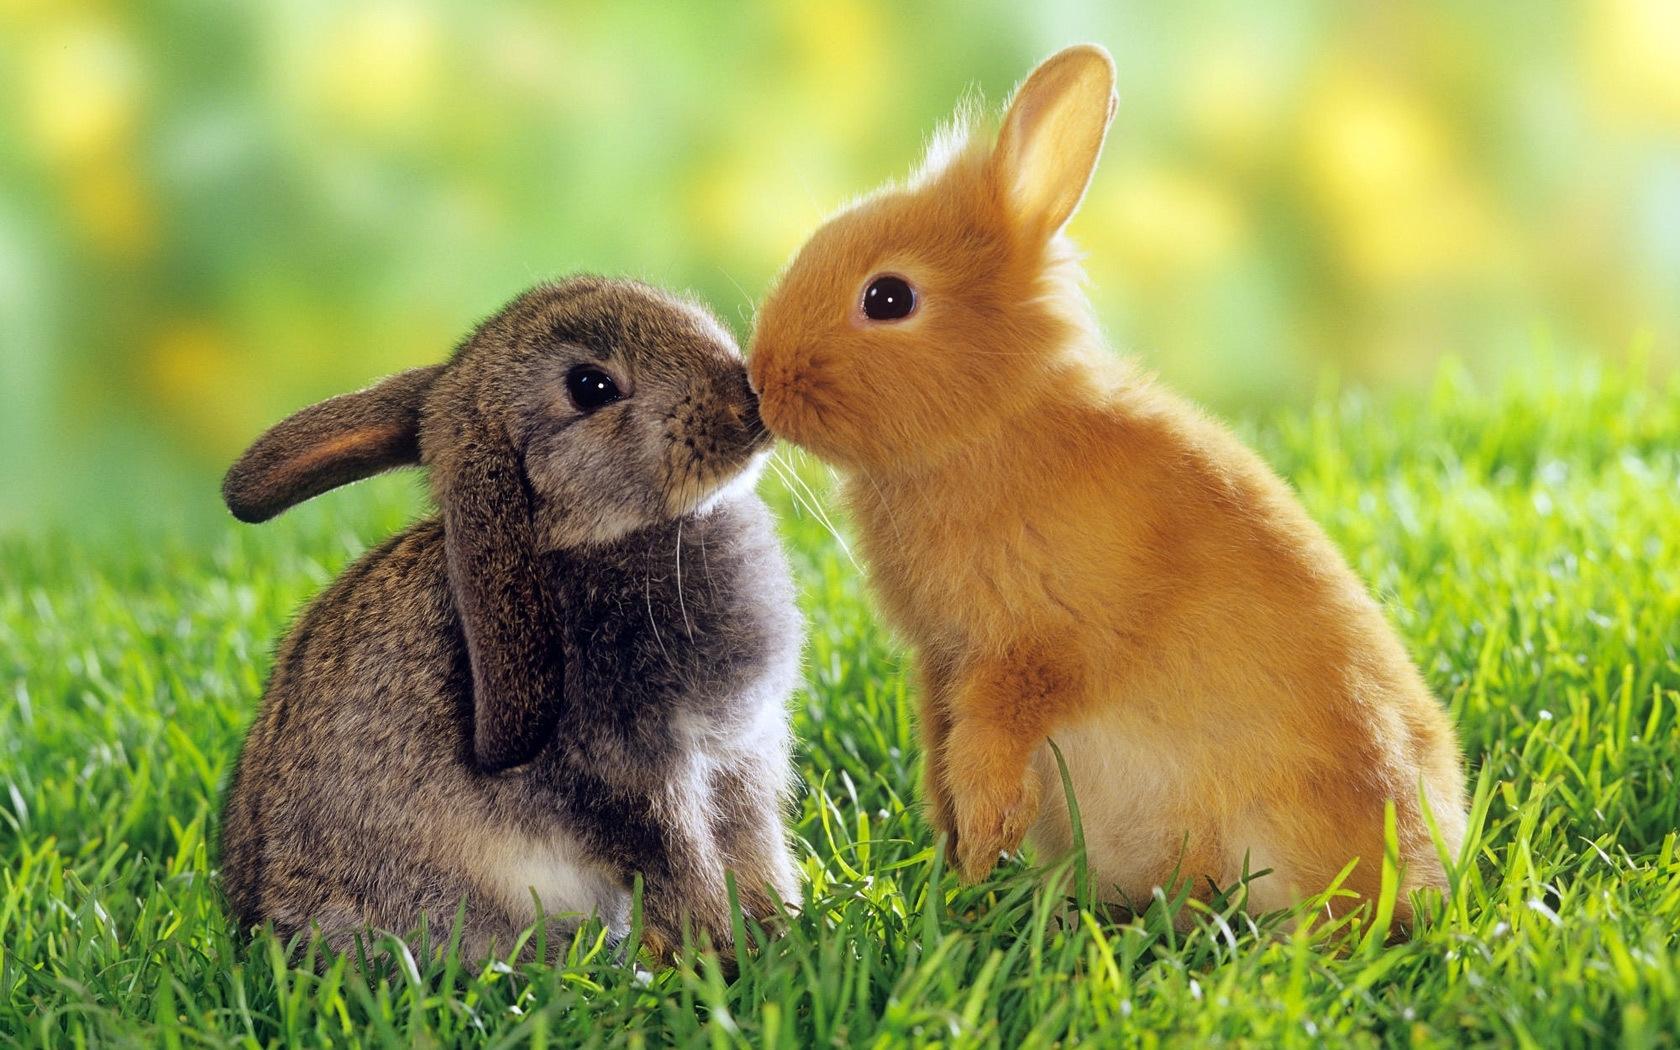 45597 Hintergrundbild herunterladen Kaninchen, Tiere - Bildschirmschoner und Bilder kostenlos